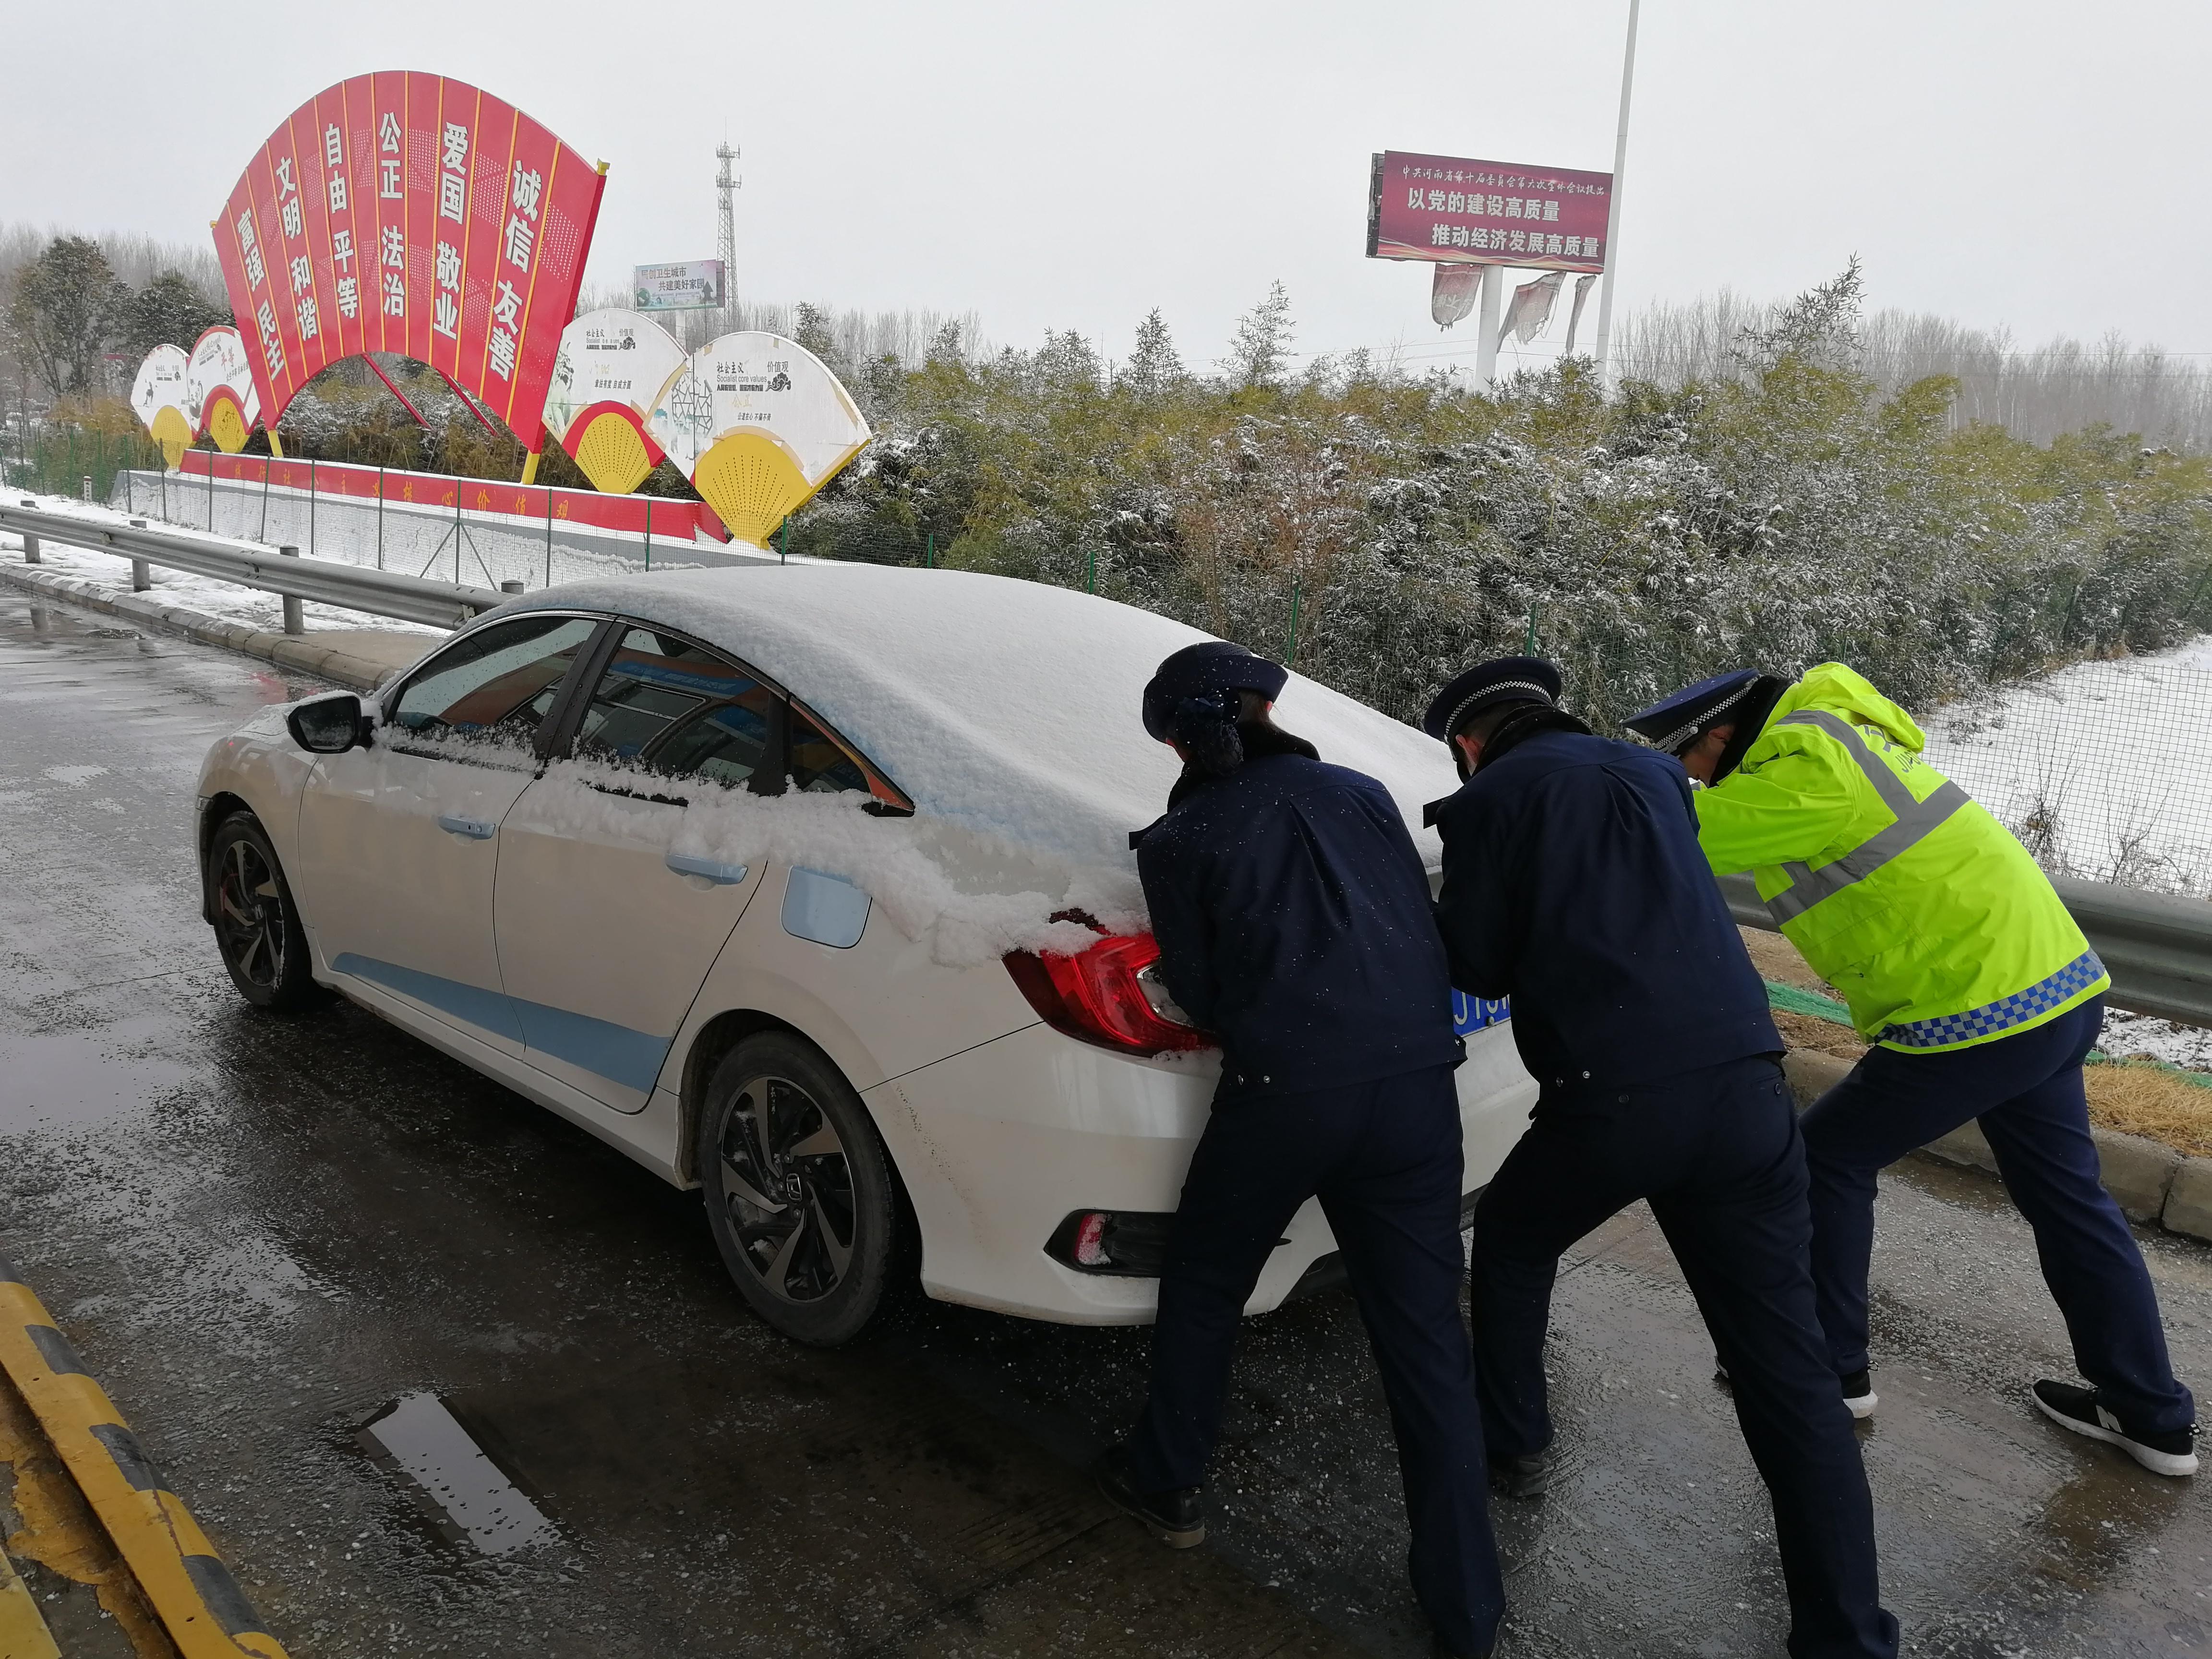 2月10日8:20分尉氏北站员工帮故障车驶离车道.jpg